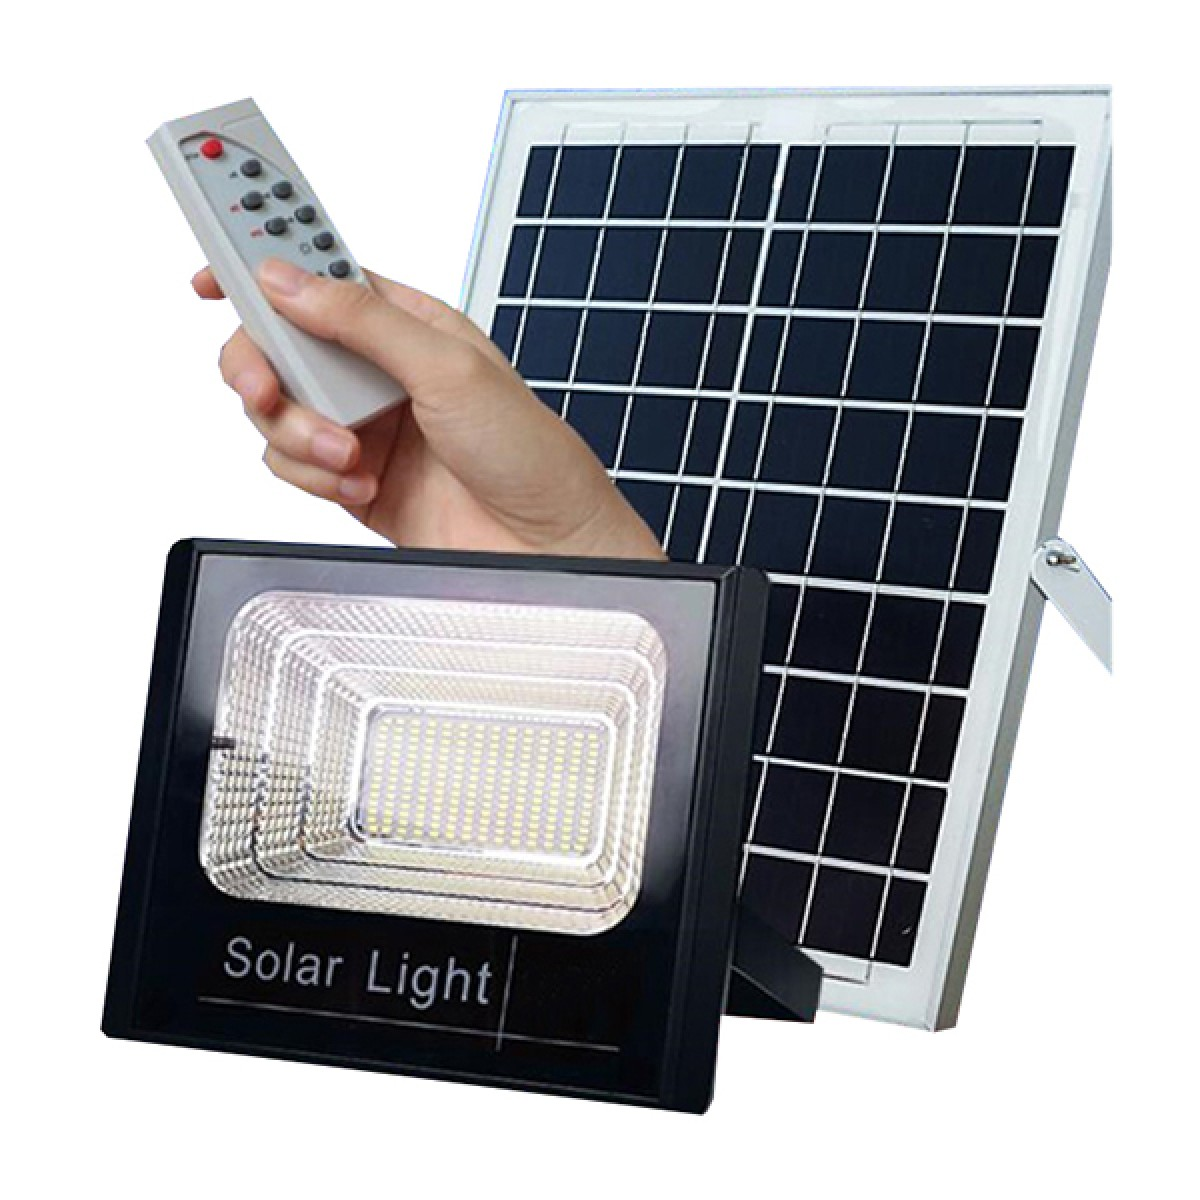 Ηλιακός προβολέας ανάβει μόλις νυχτώσει και σβήνει όταν ξημερώσει εξωτερικού χώρου Solar light JD-8860 60W